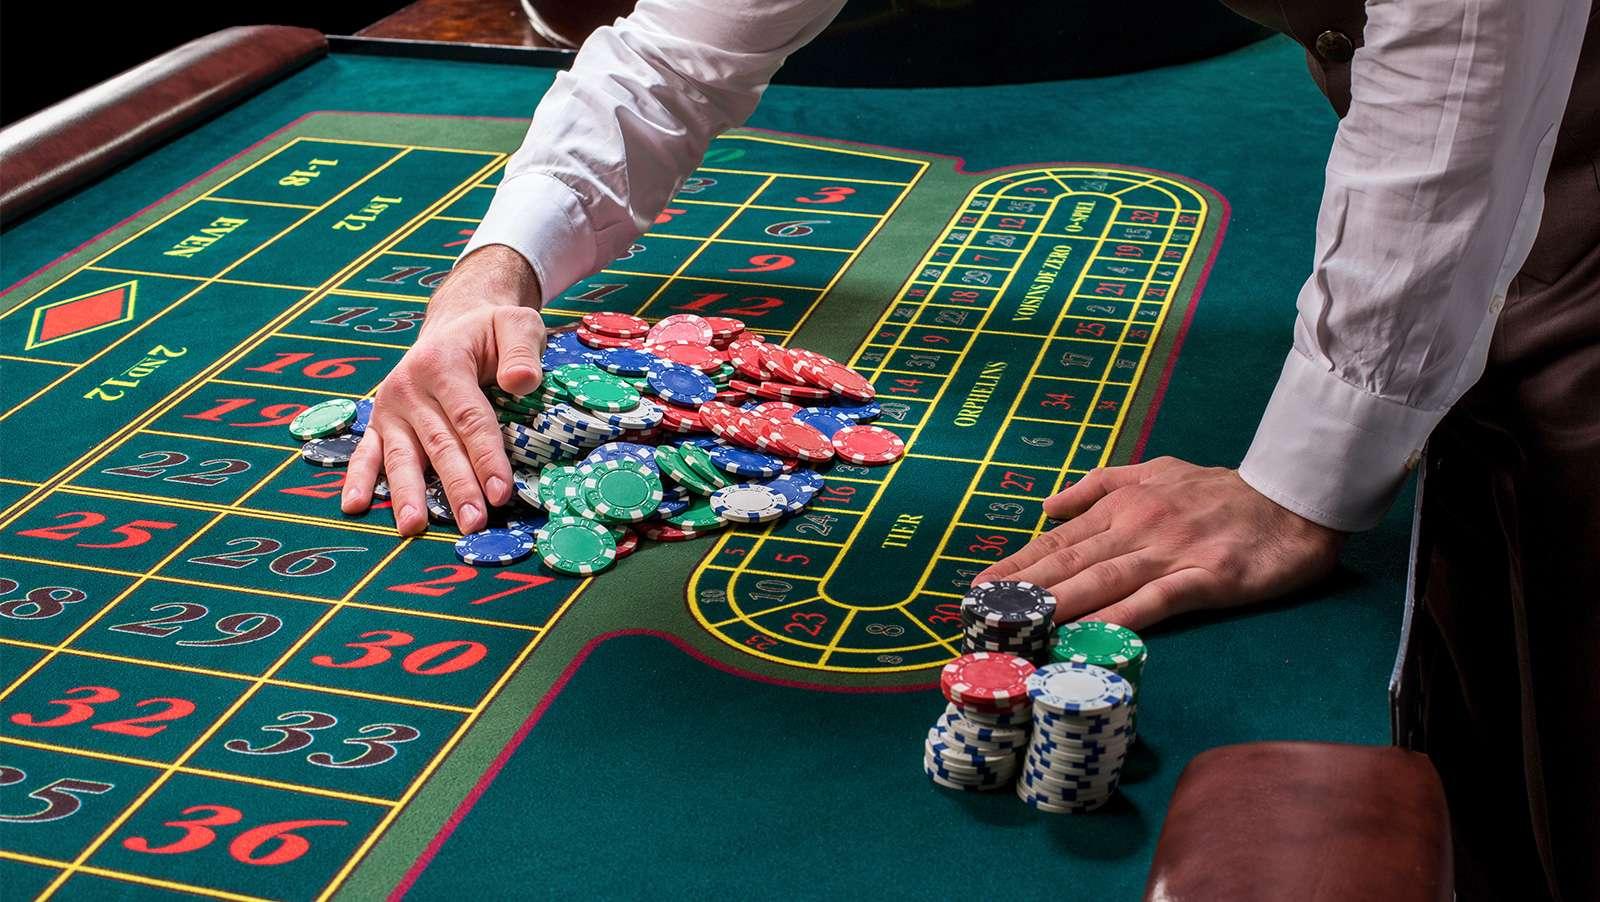 Titan poker bono casino online Porto opiniones-836519